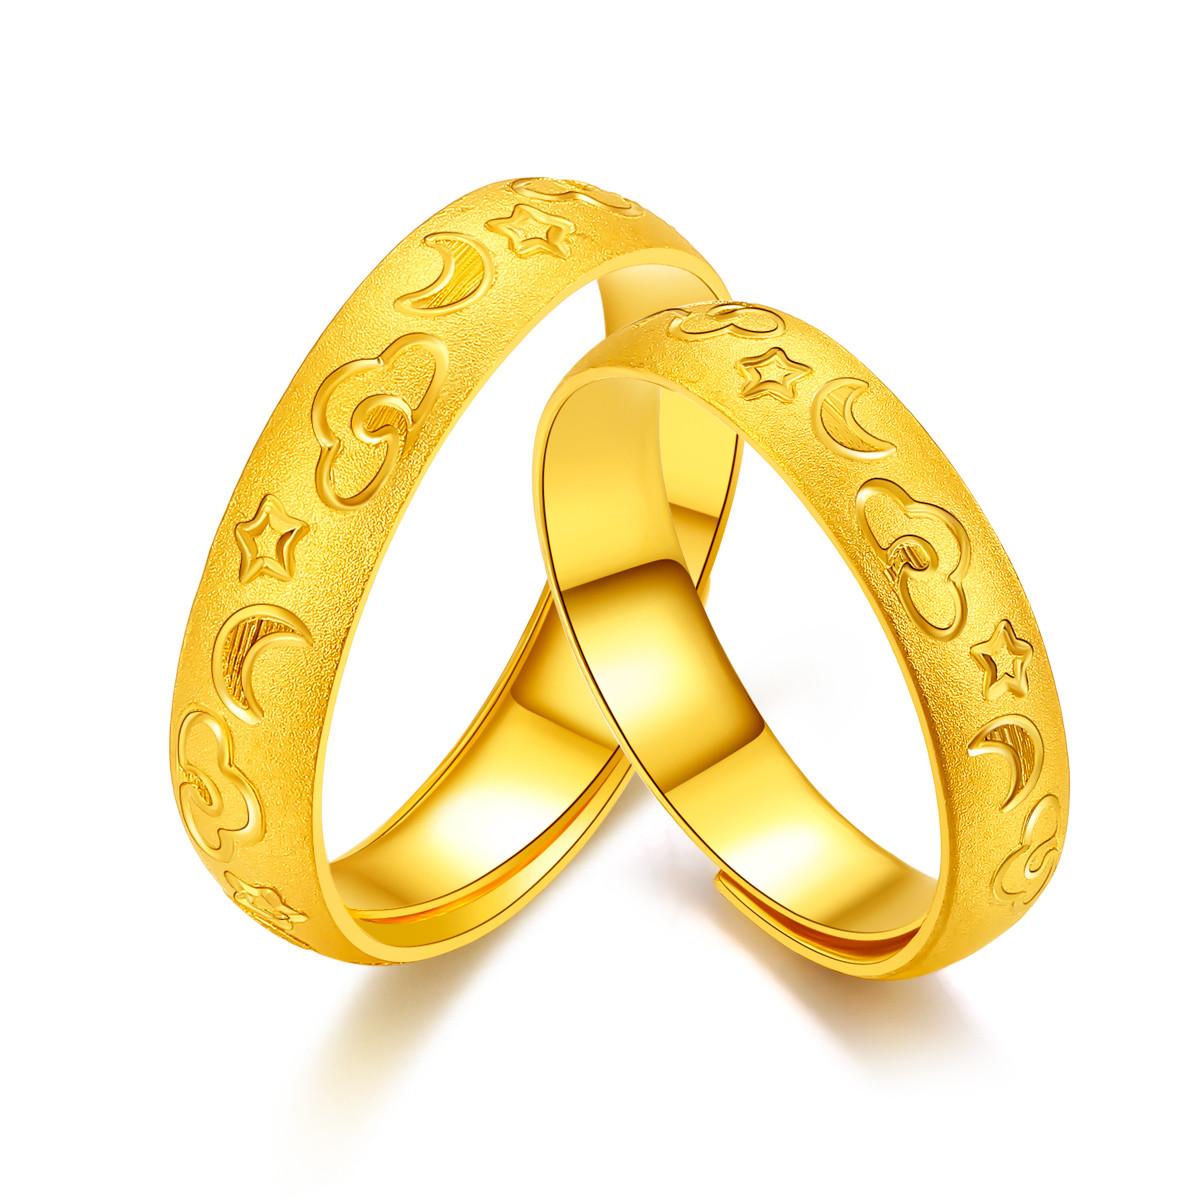 金至尊金至尊 足金日月星辰情侣对戒黄金戒指 计价YHJZ0049QJ